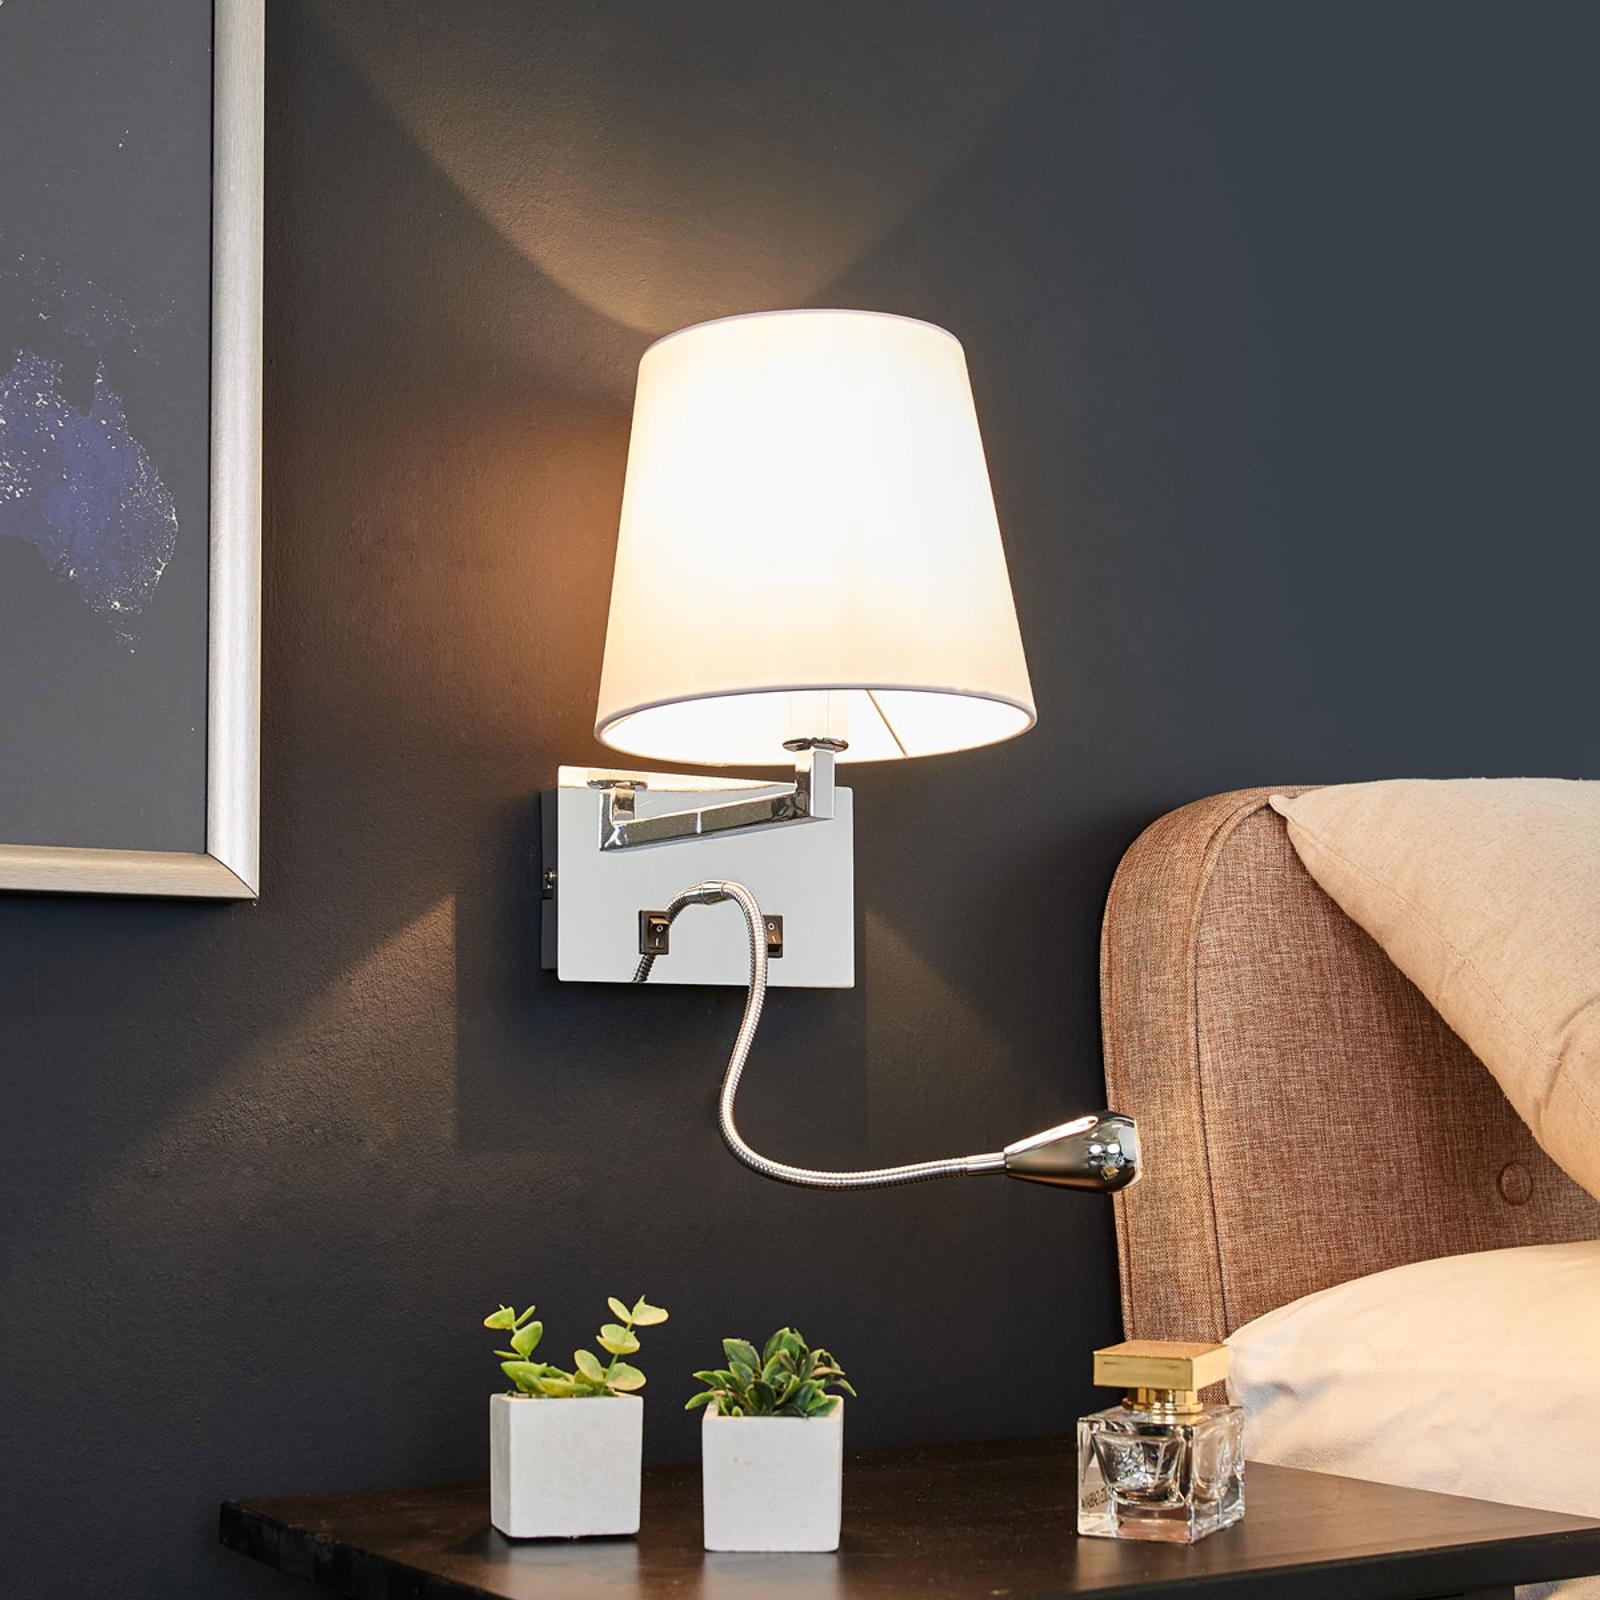 Lampa ścienna Leonella z lampką do czytania LED